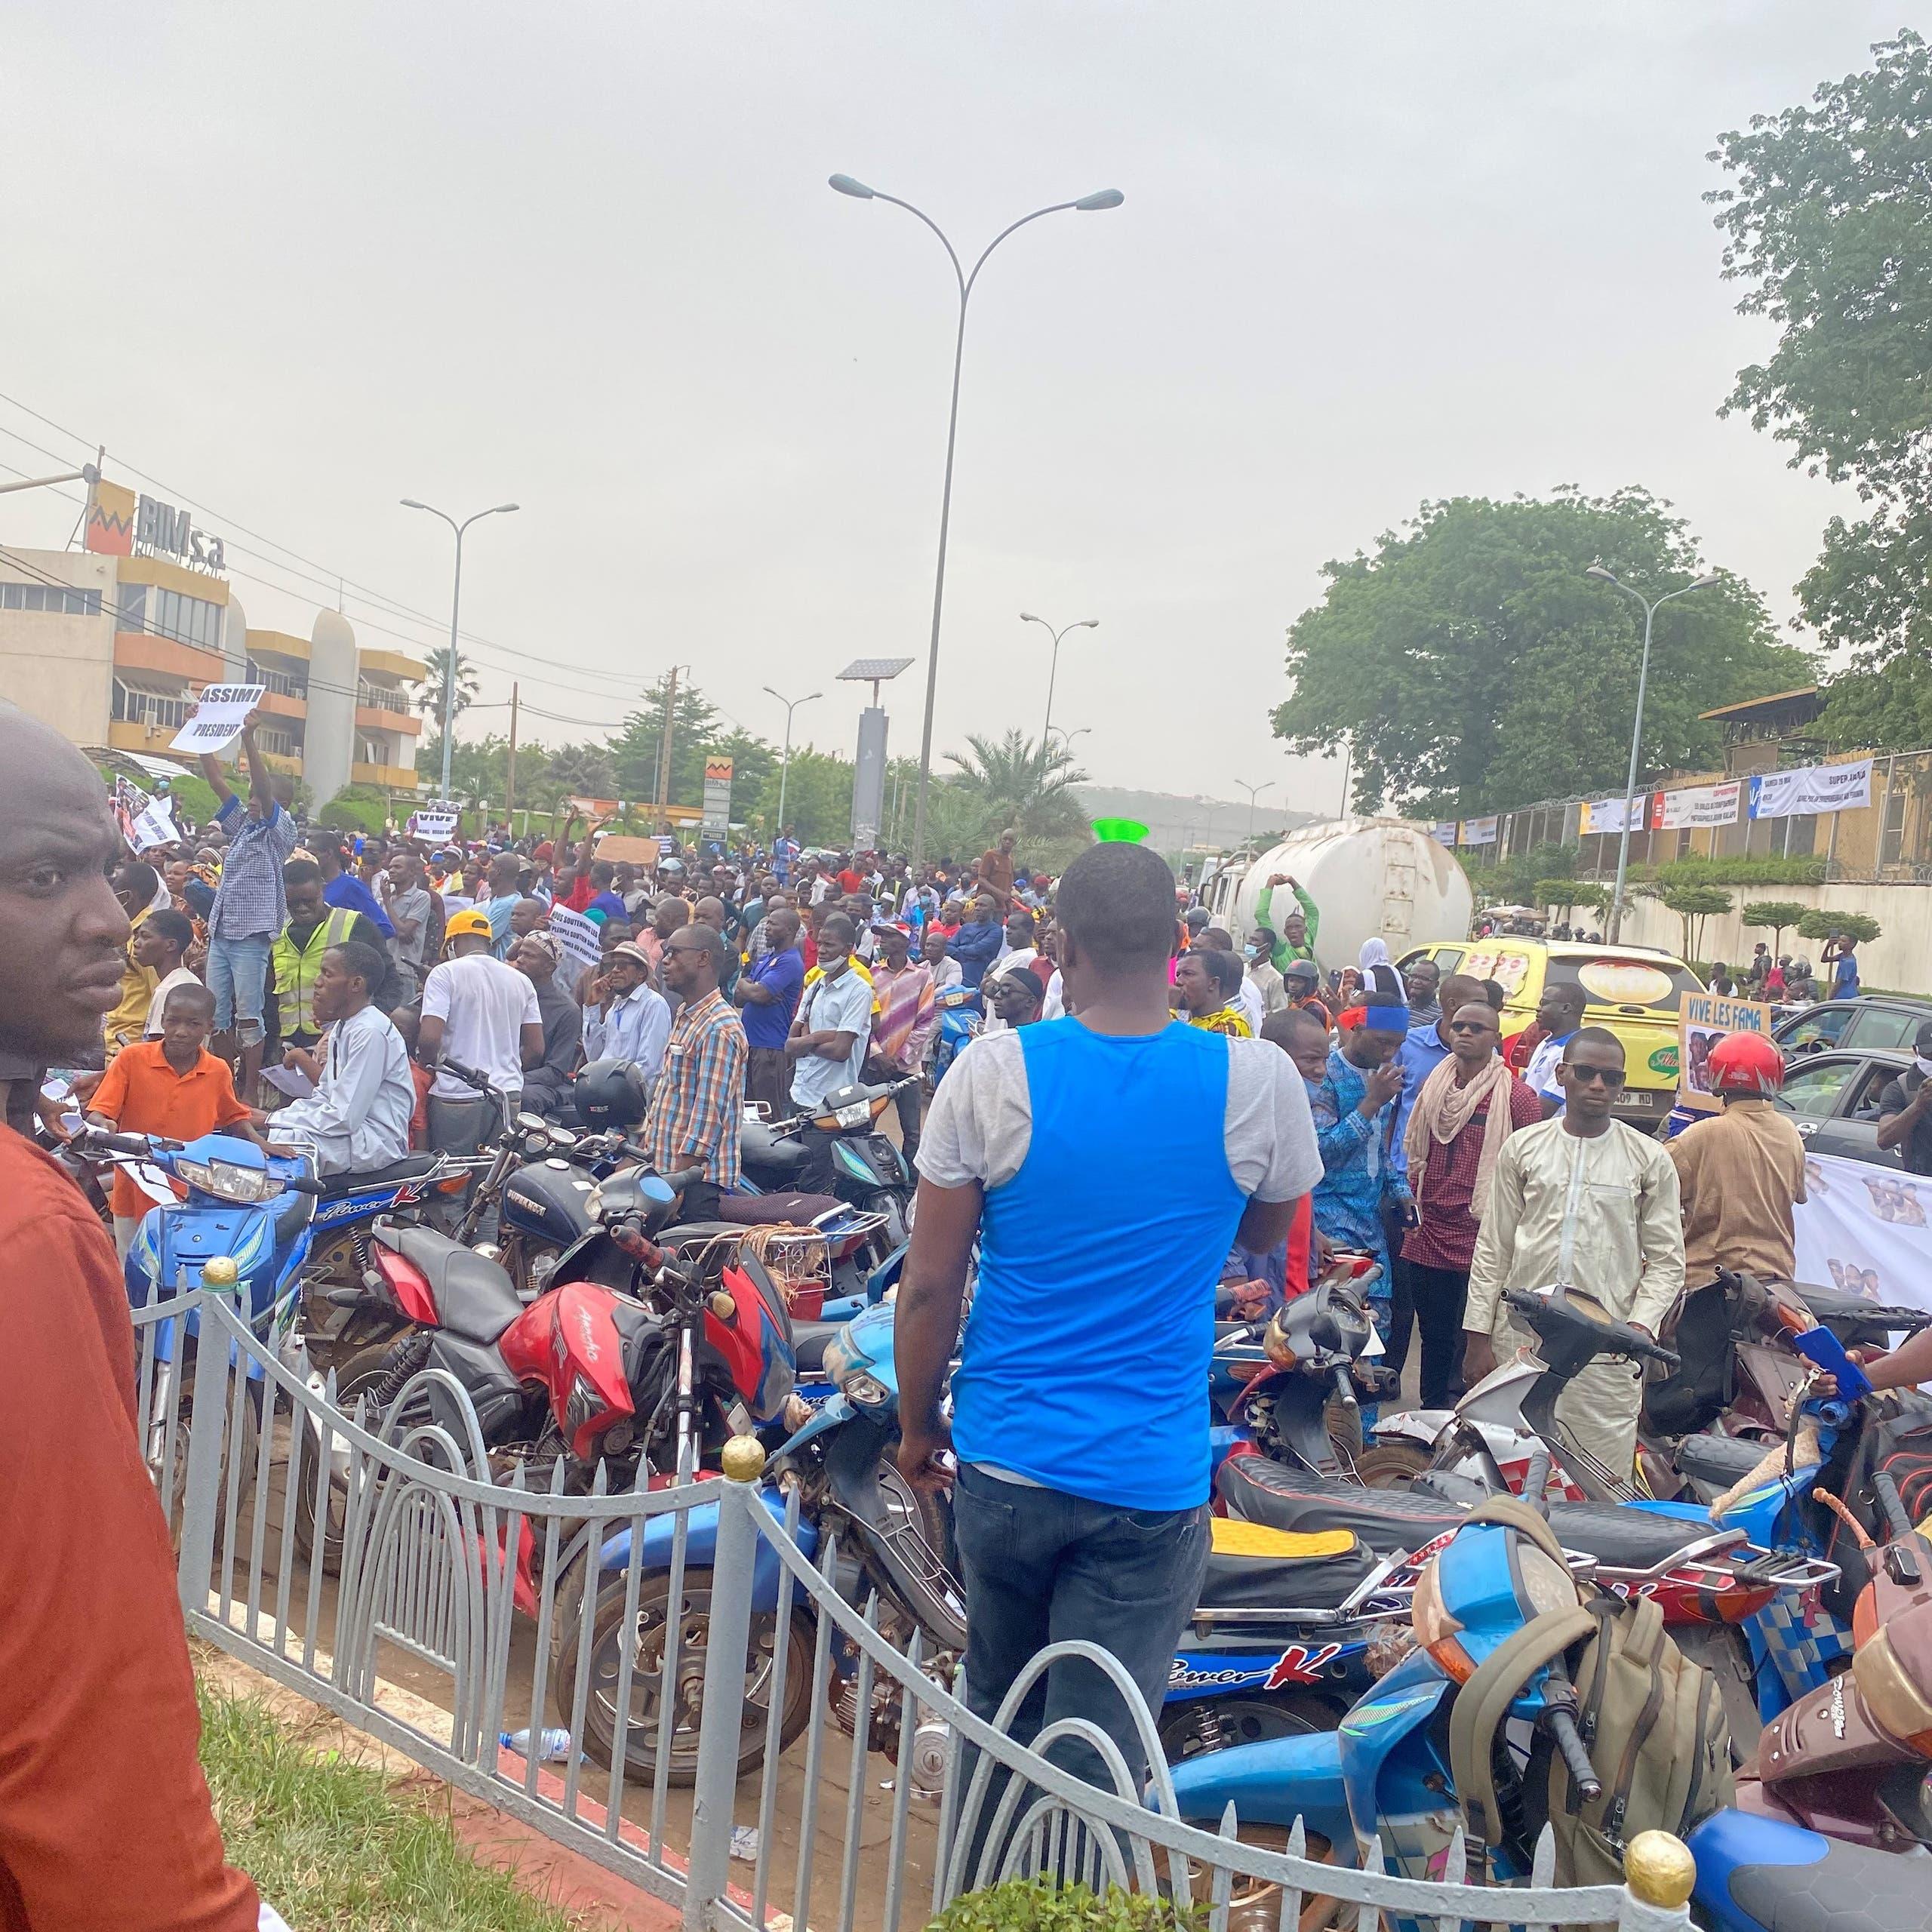 بعد انقلاب مالي.. مظاهرات لاستبدال الفرنسيين بالروس